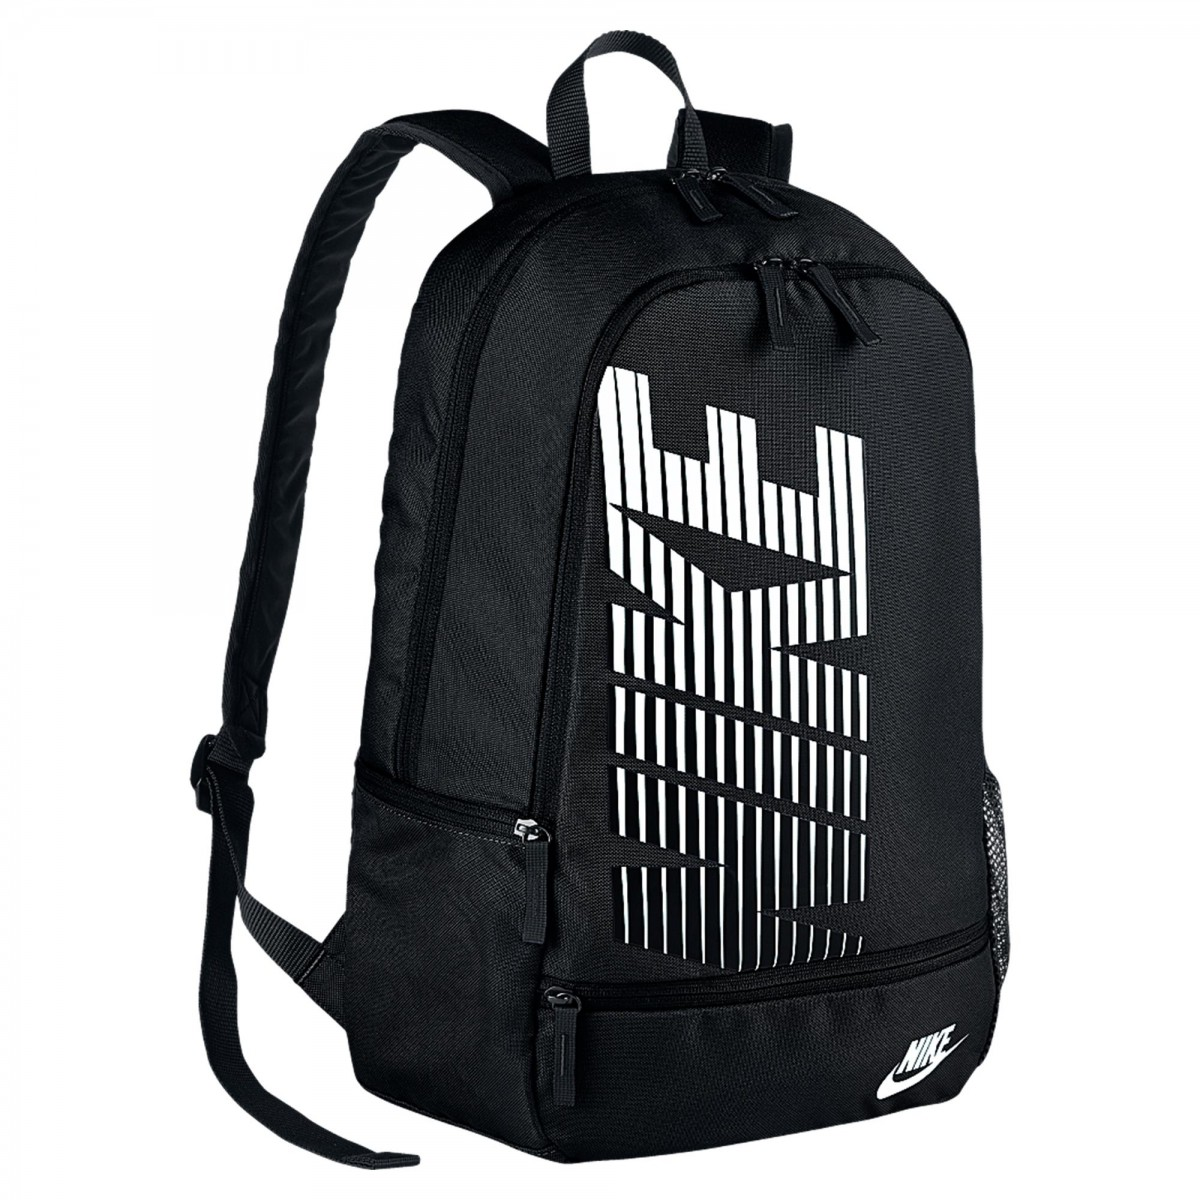 244c02c85 Bizz Store - Mochila Escolar Nike Classic North Rosa/Preto